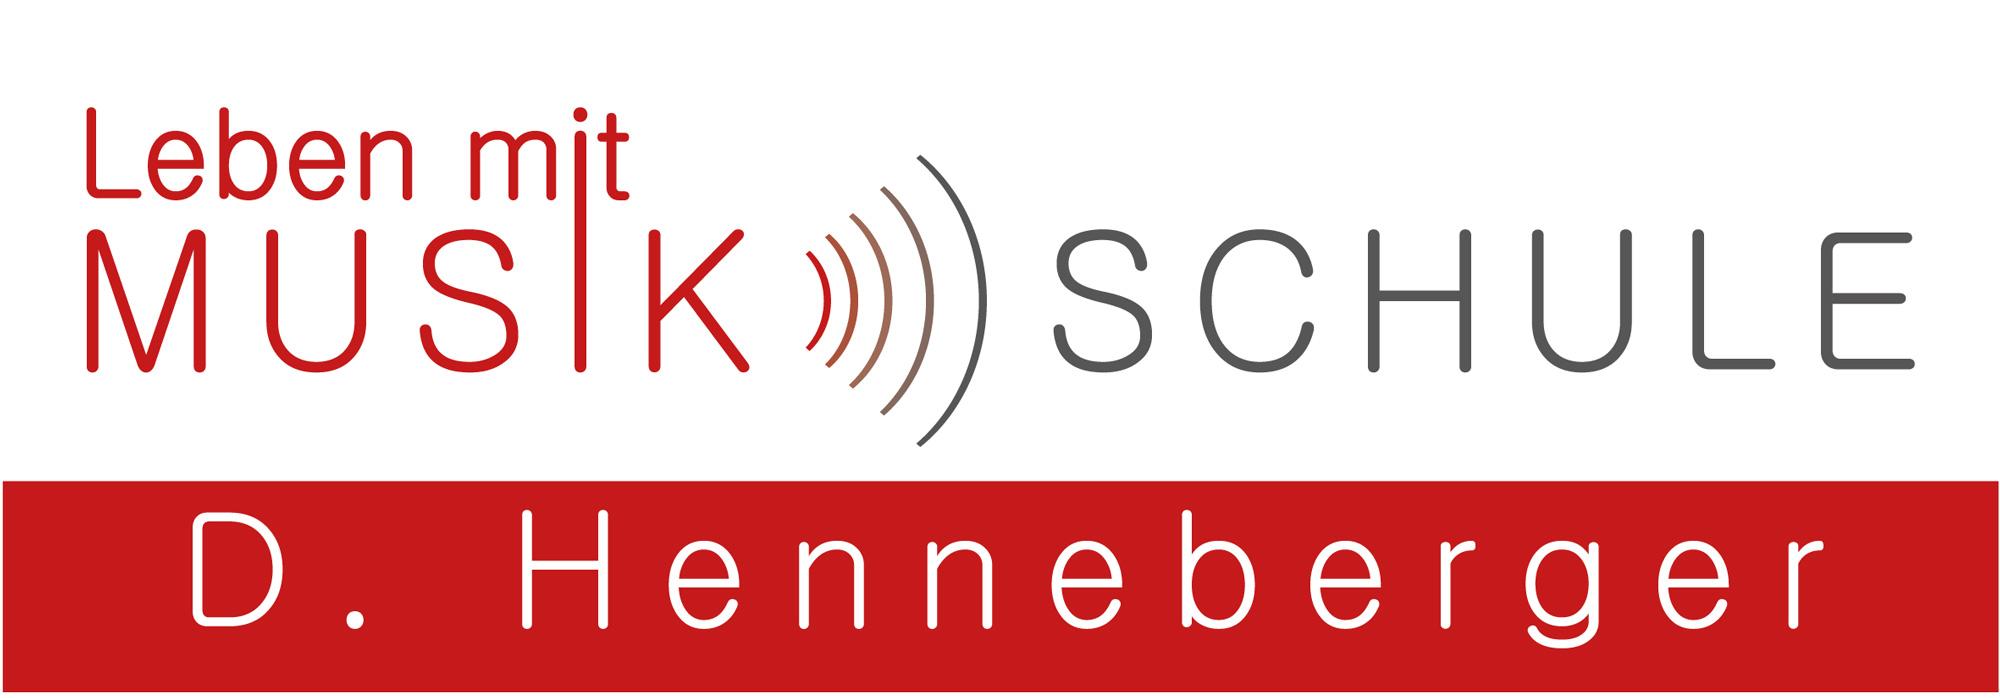 Musikschule Henneberger